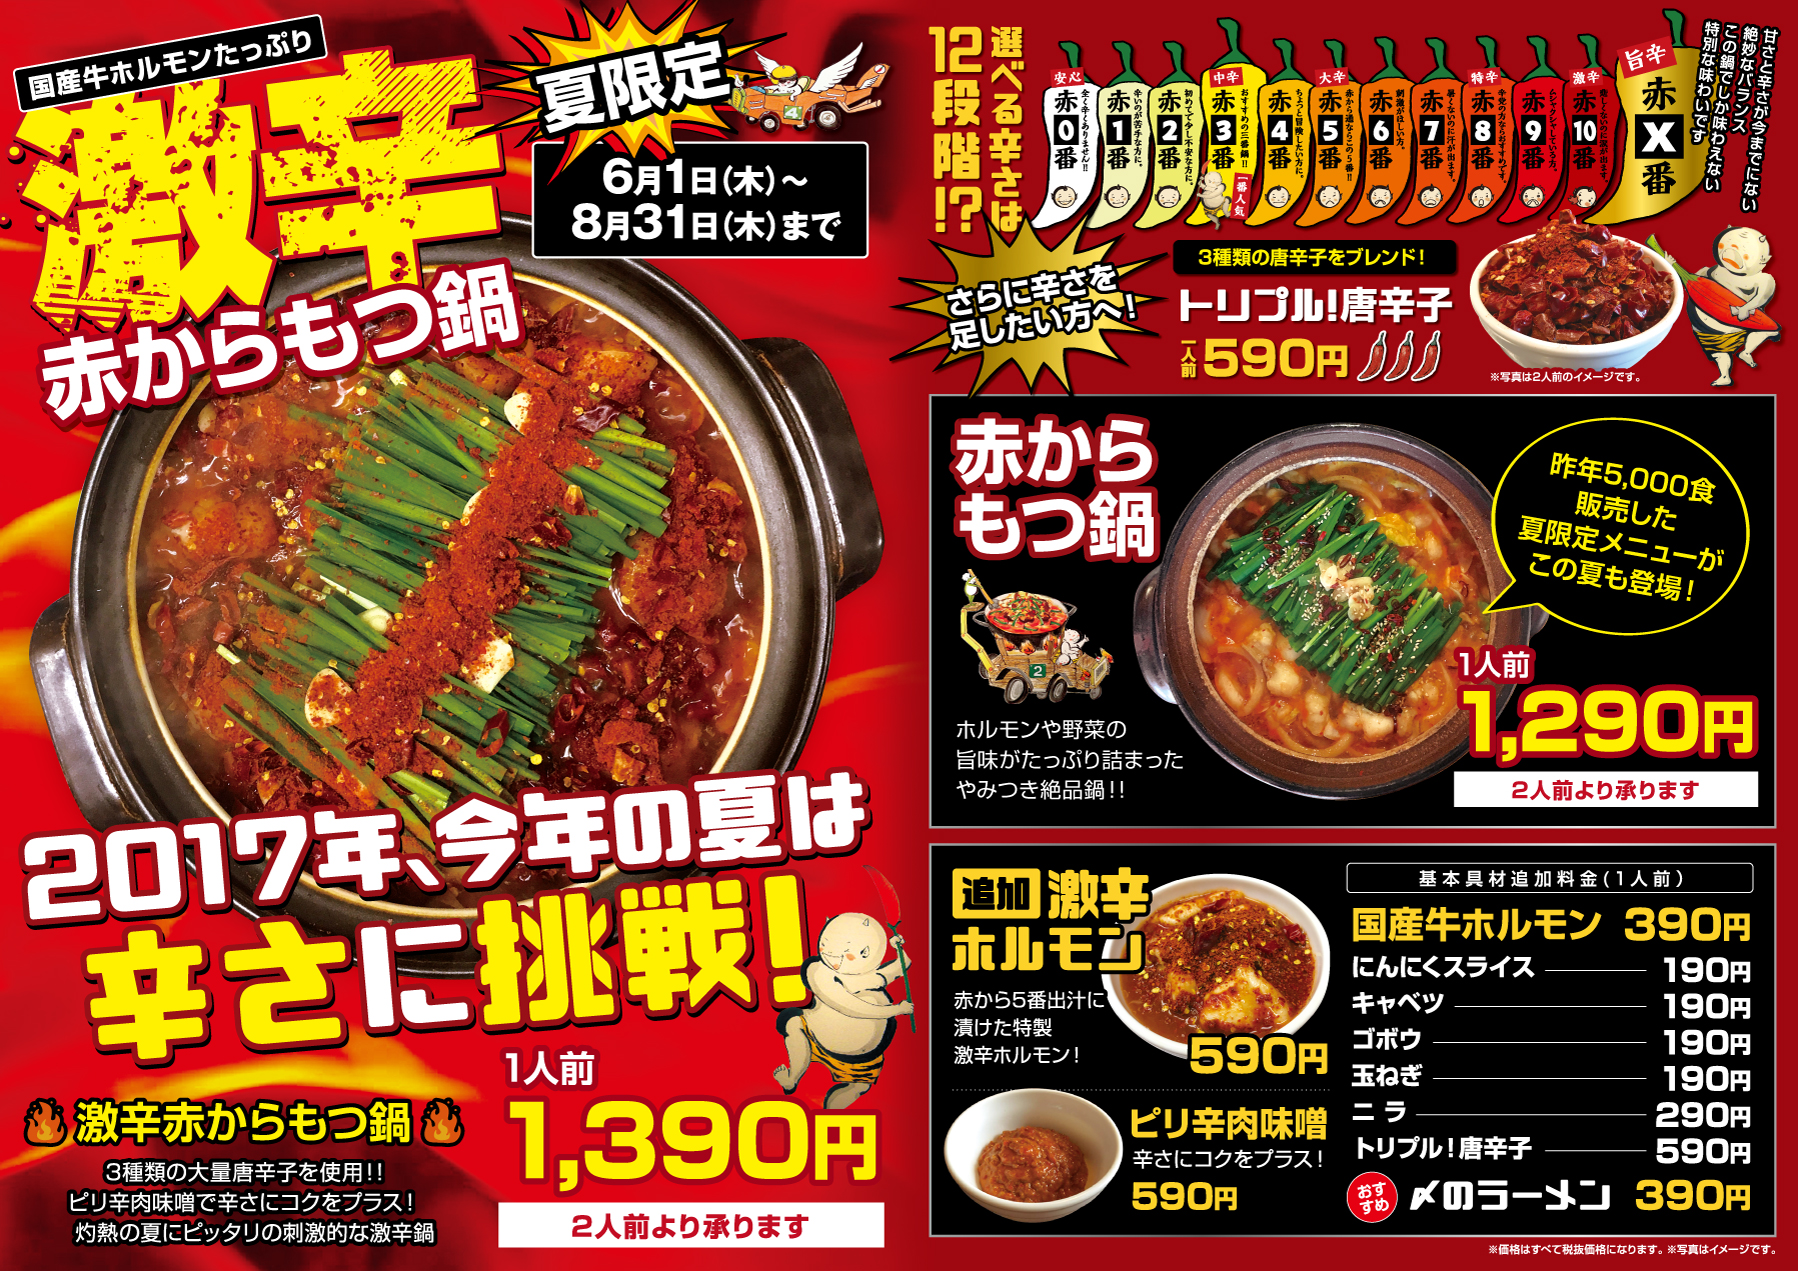 【期間限定】赤からもつ鍋&激辛赤からもつ鍋